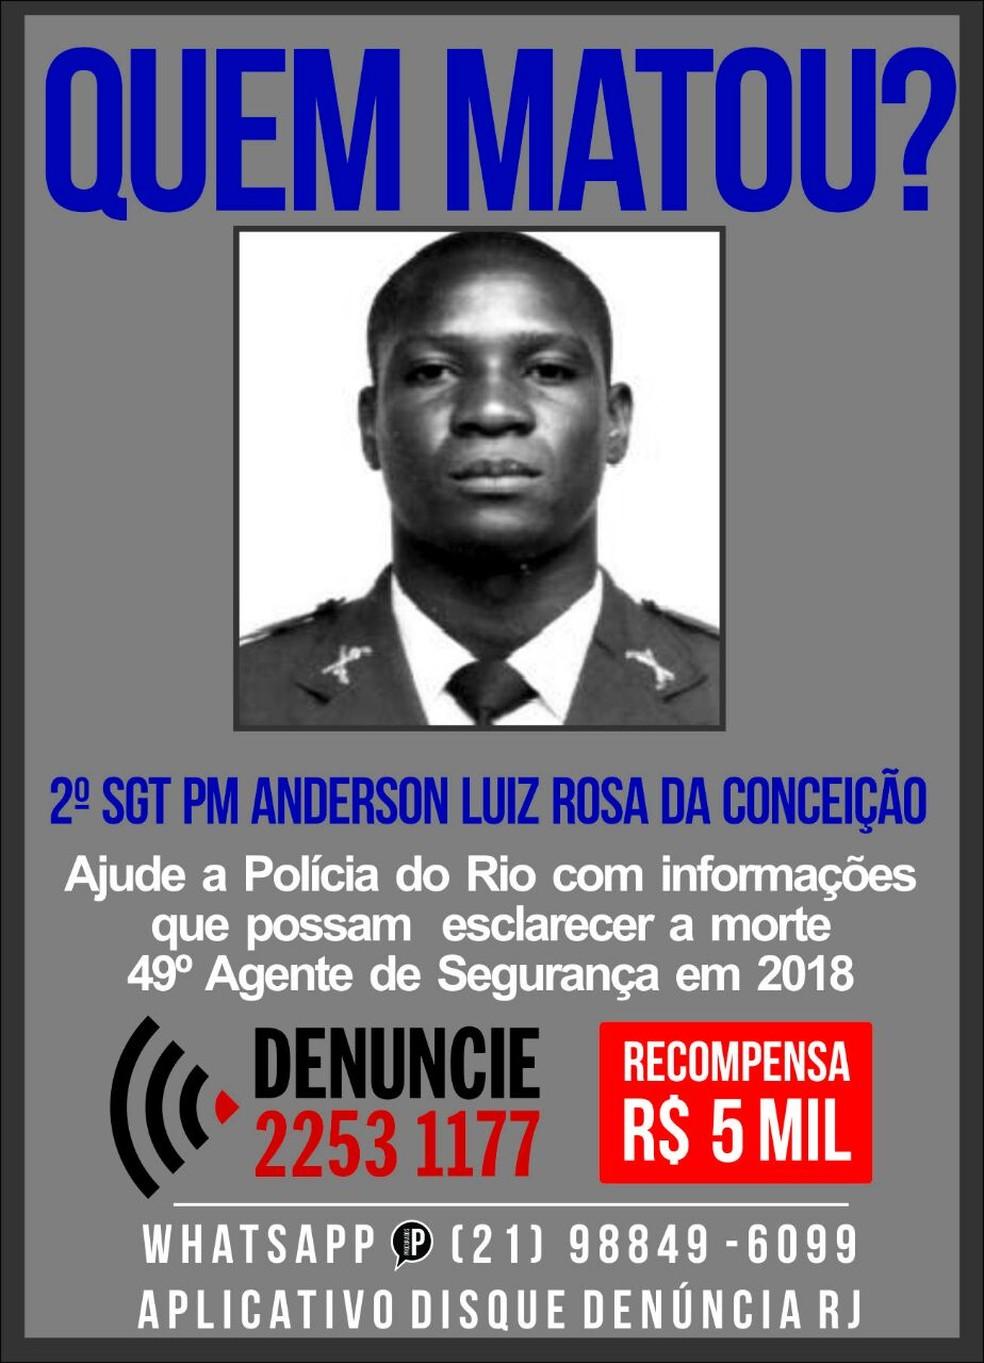 Portal oferece R$ 5 mil por informações  (Foto: Divulgação)